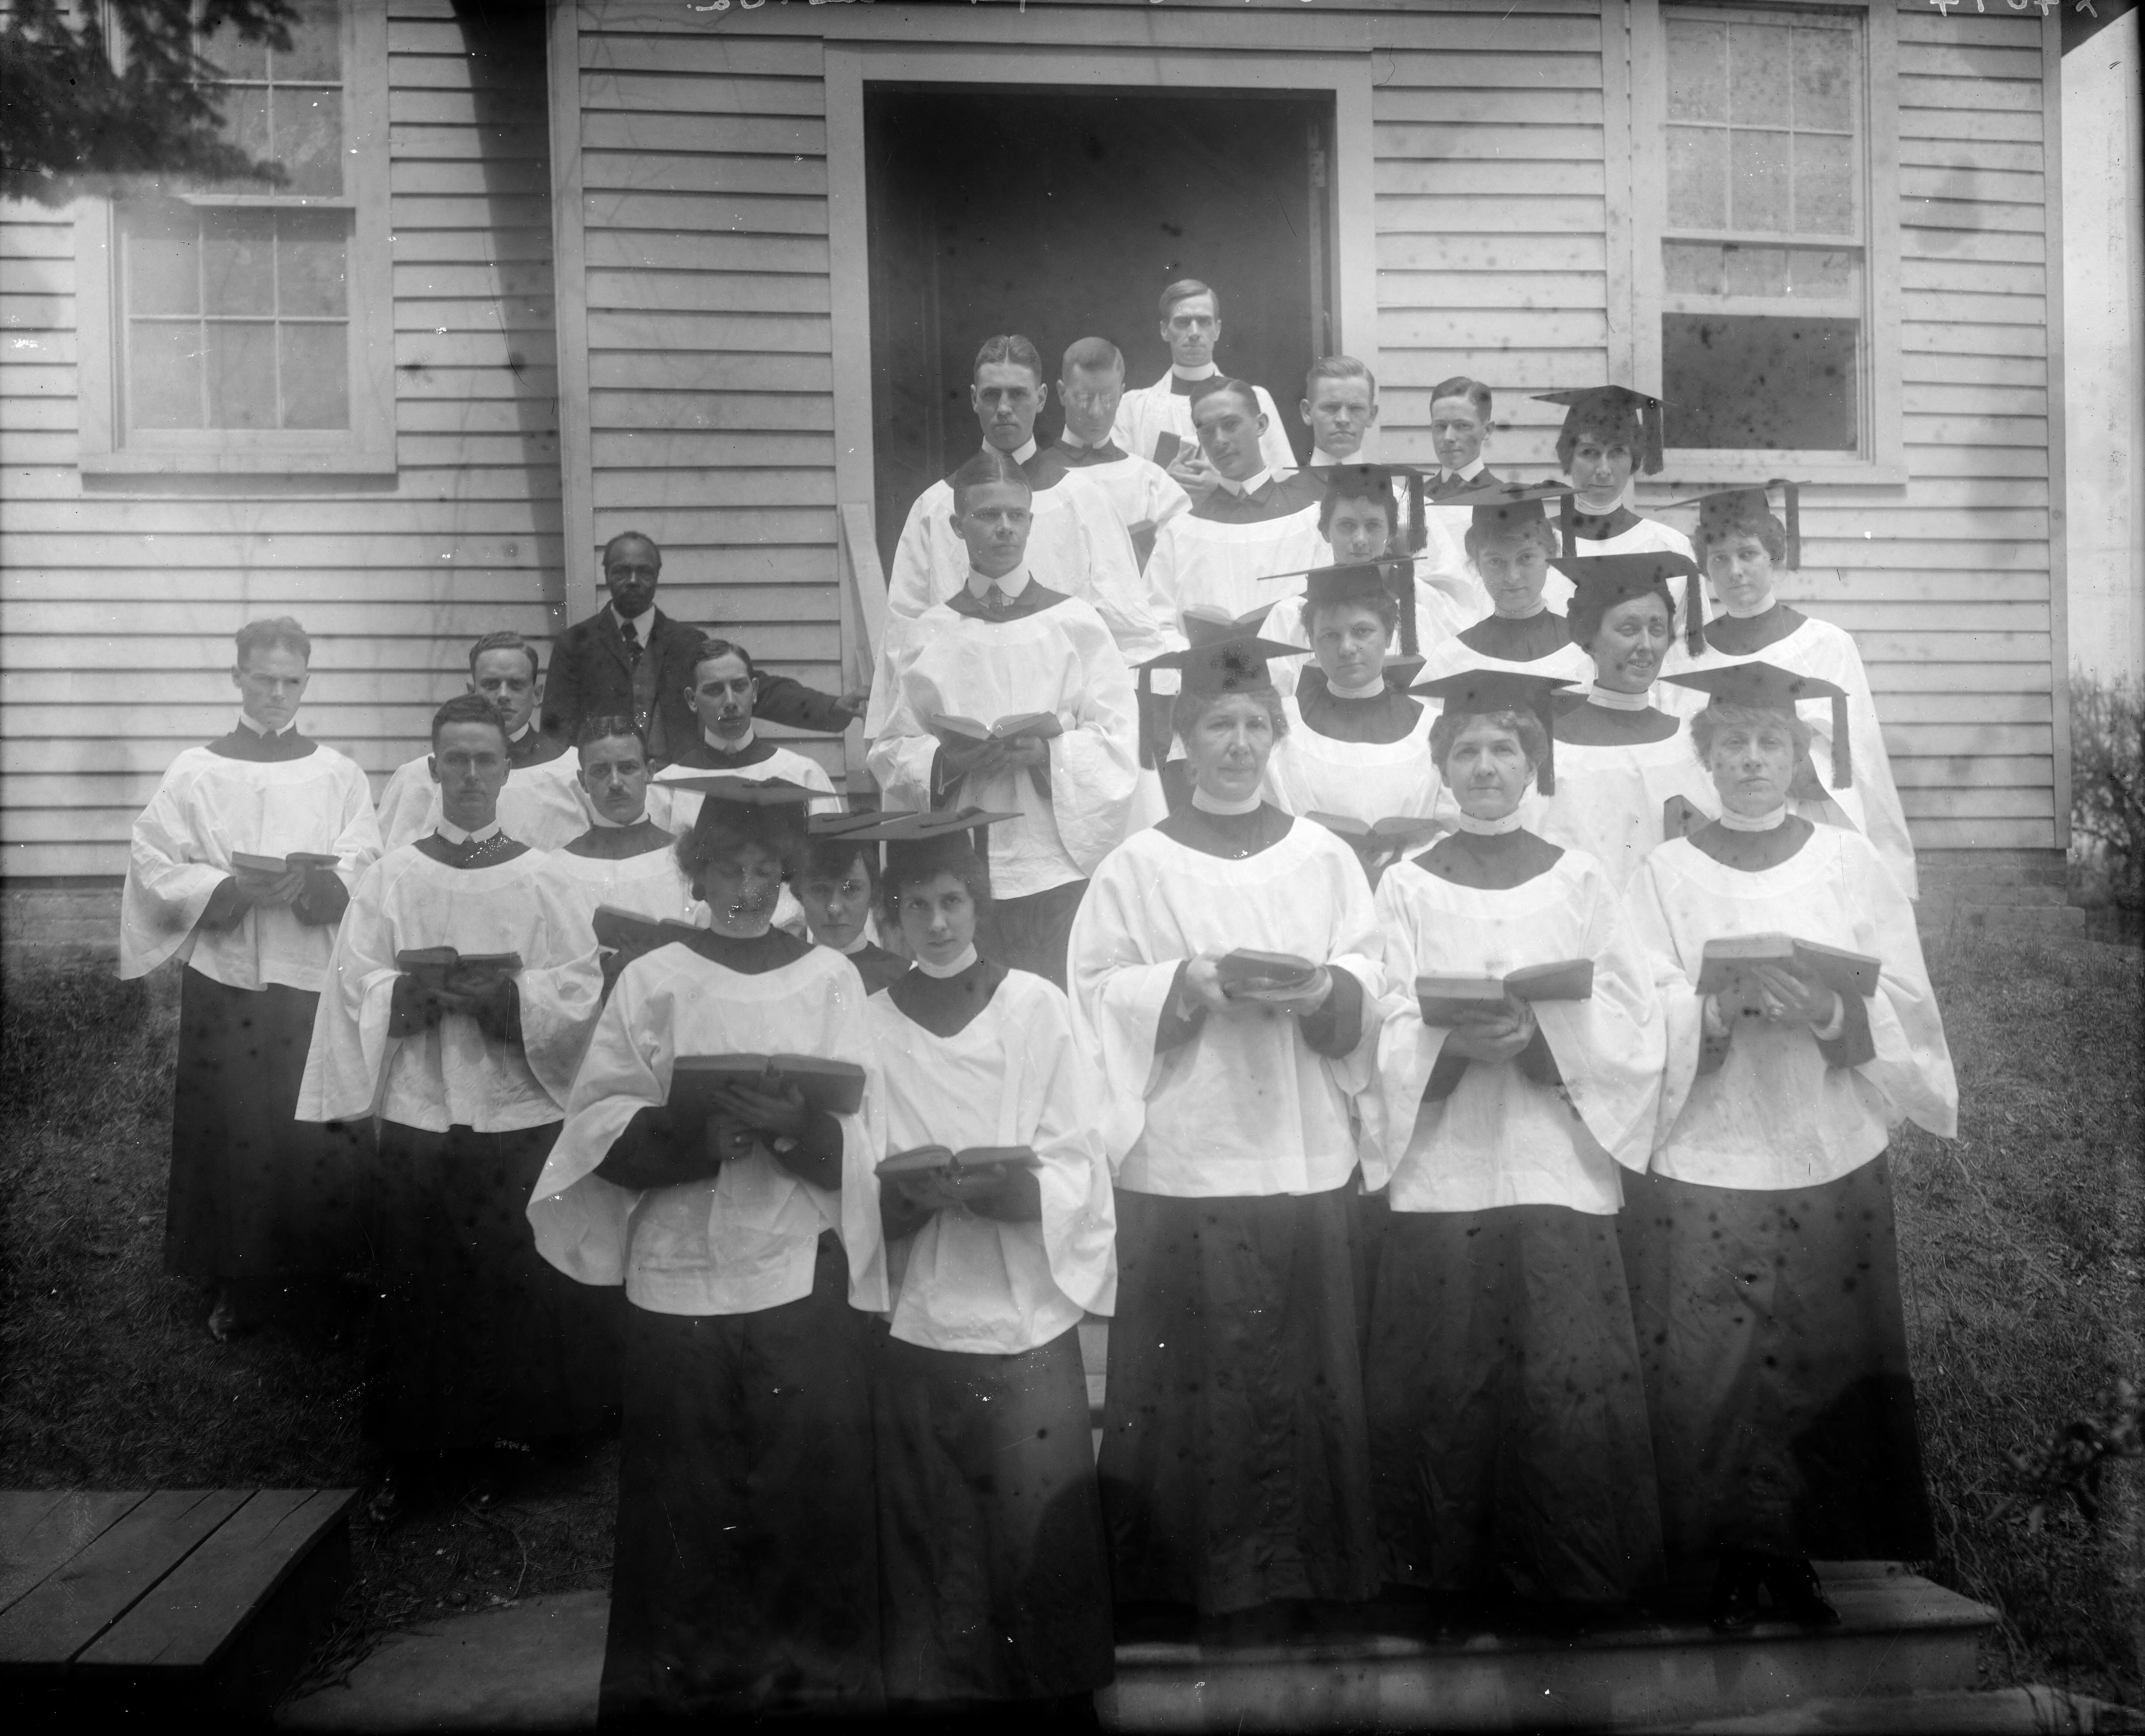 St. Pauls Church Choir